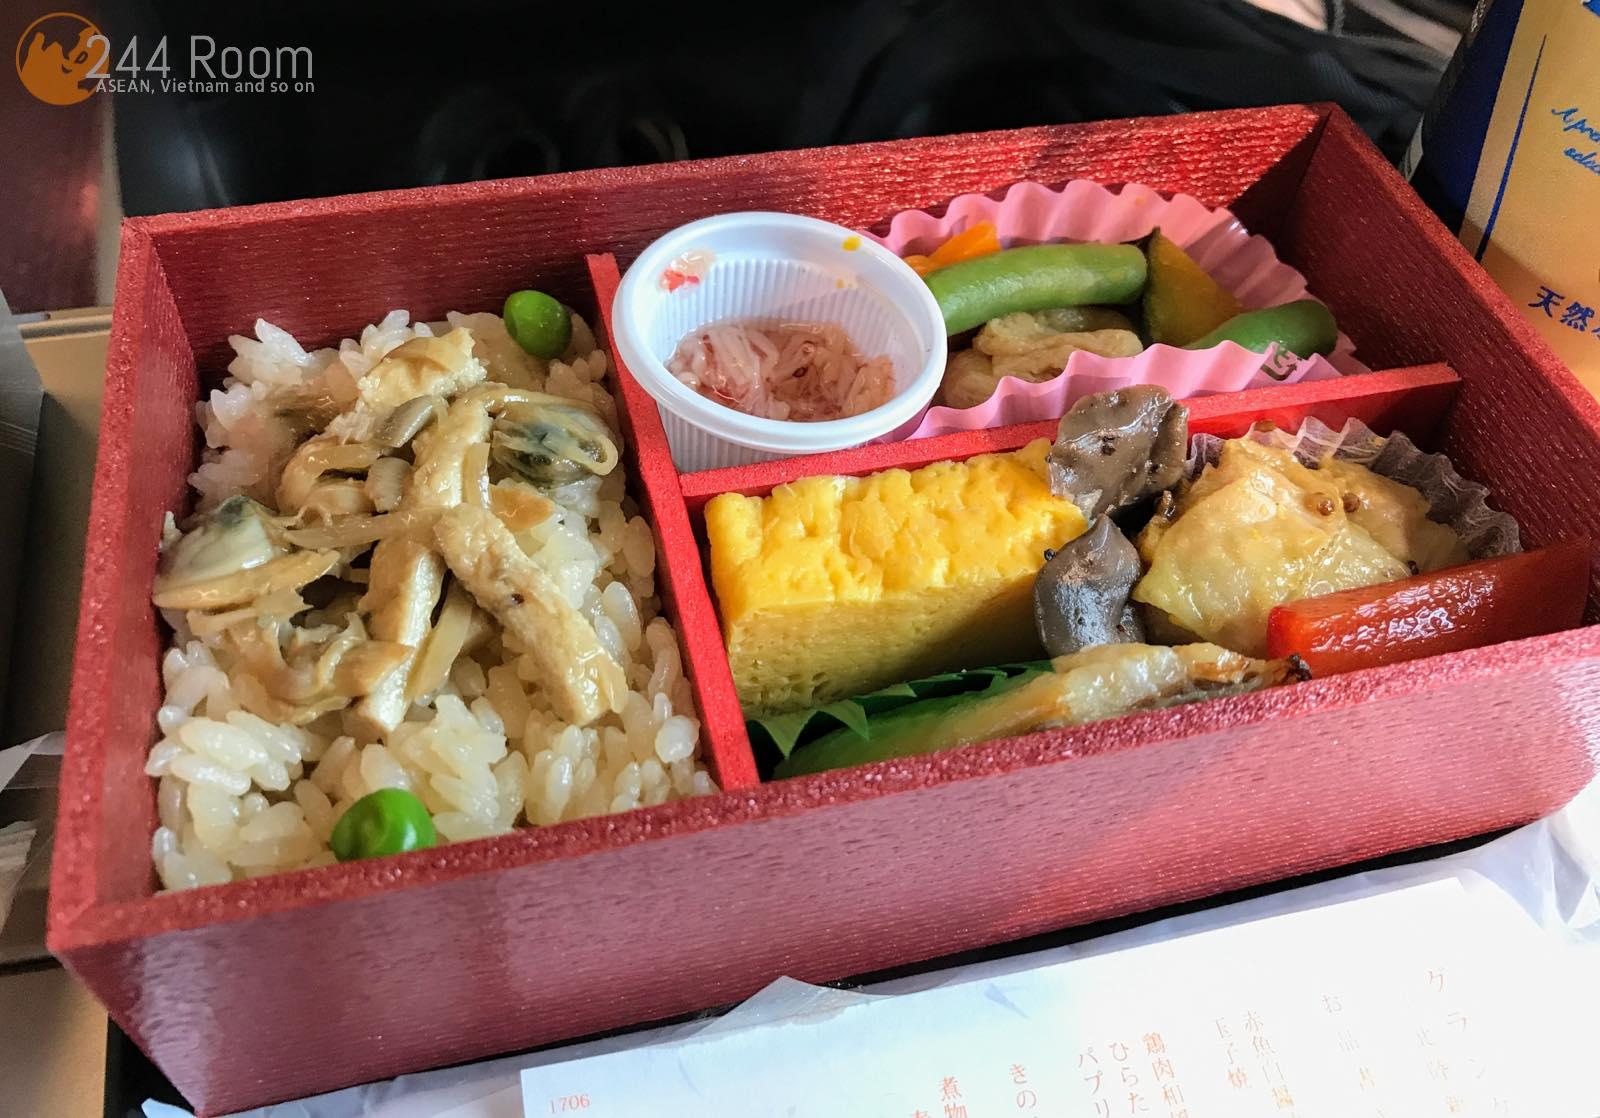 グランクラス和食お弁当 Granclass-japanese-meal4